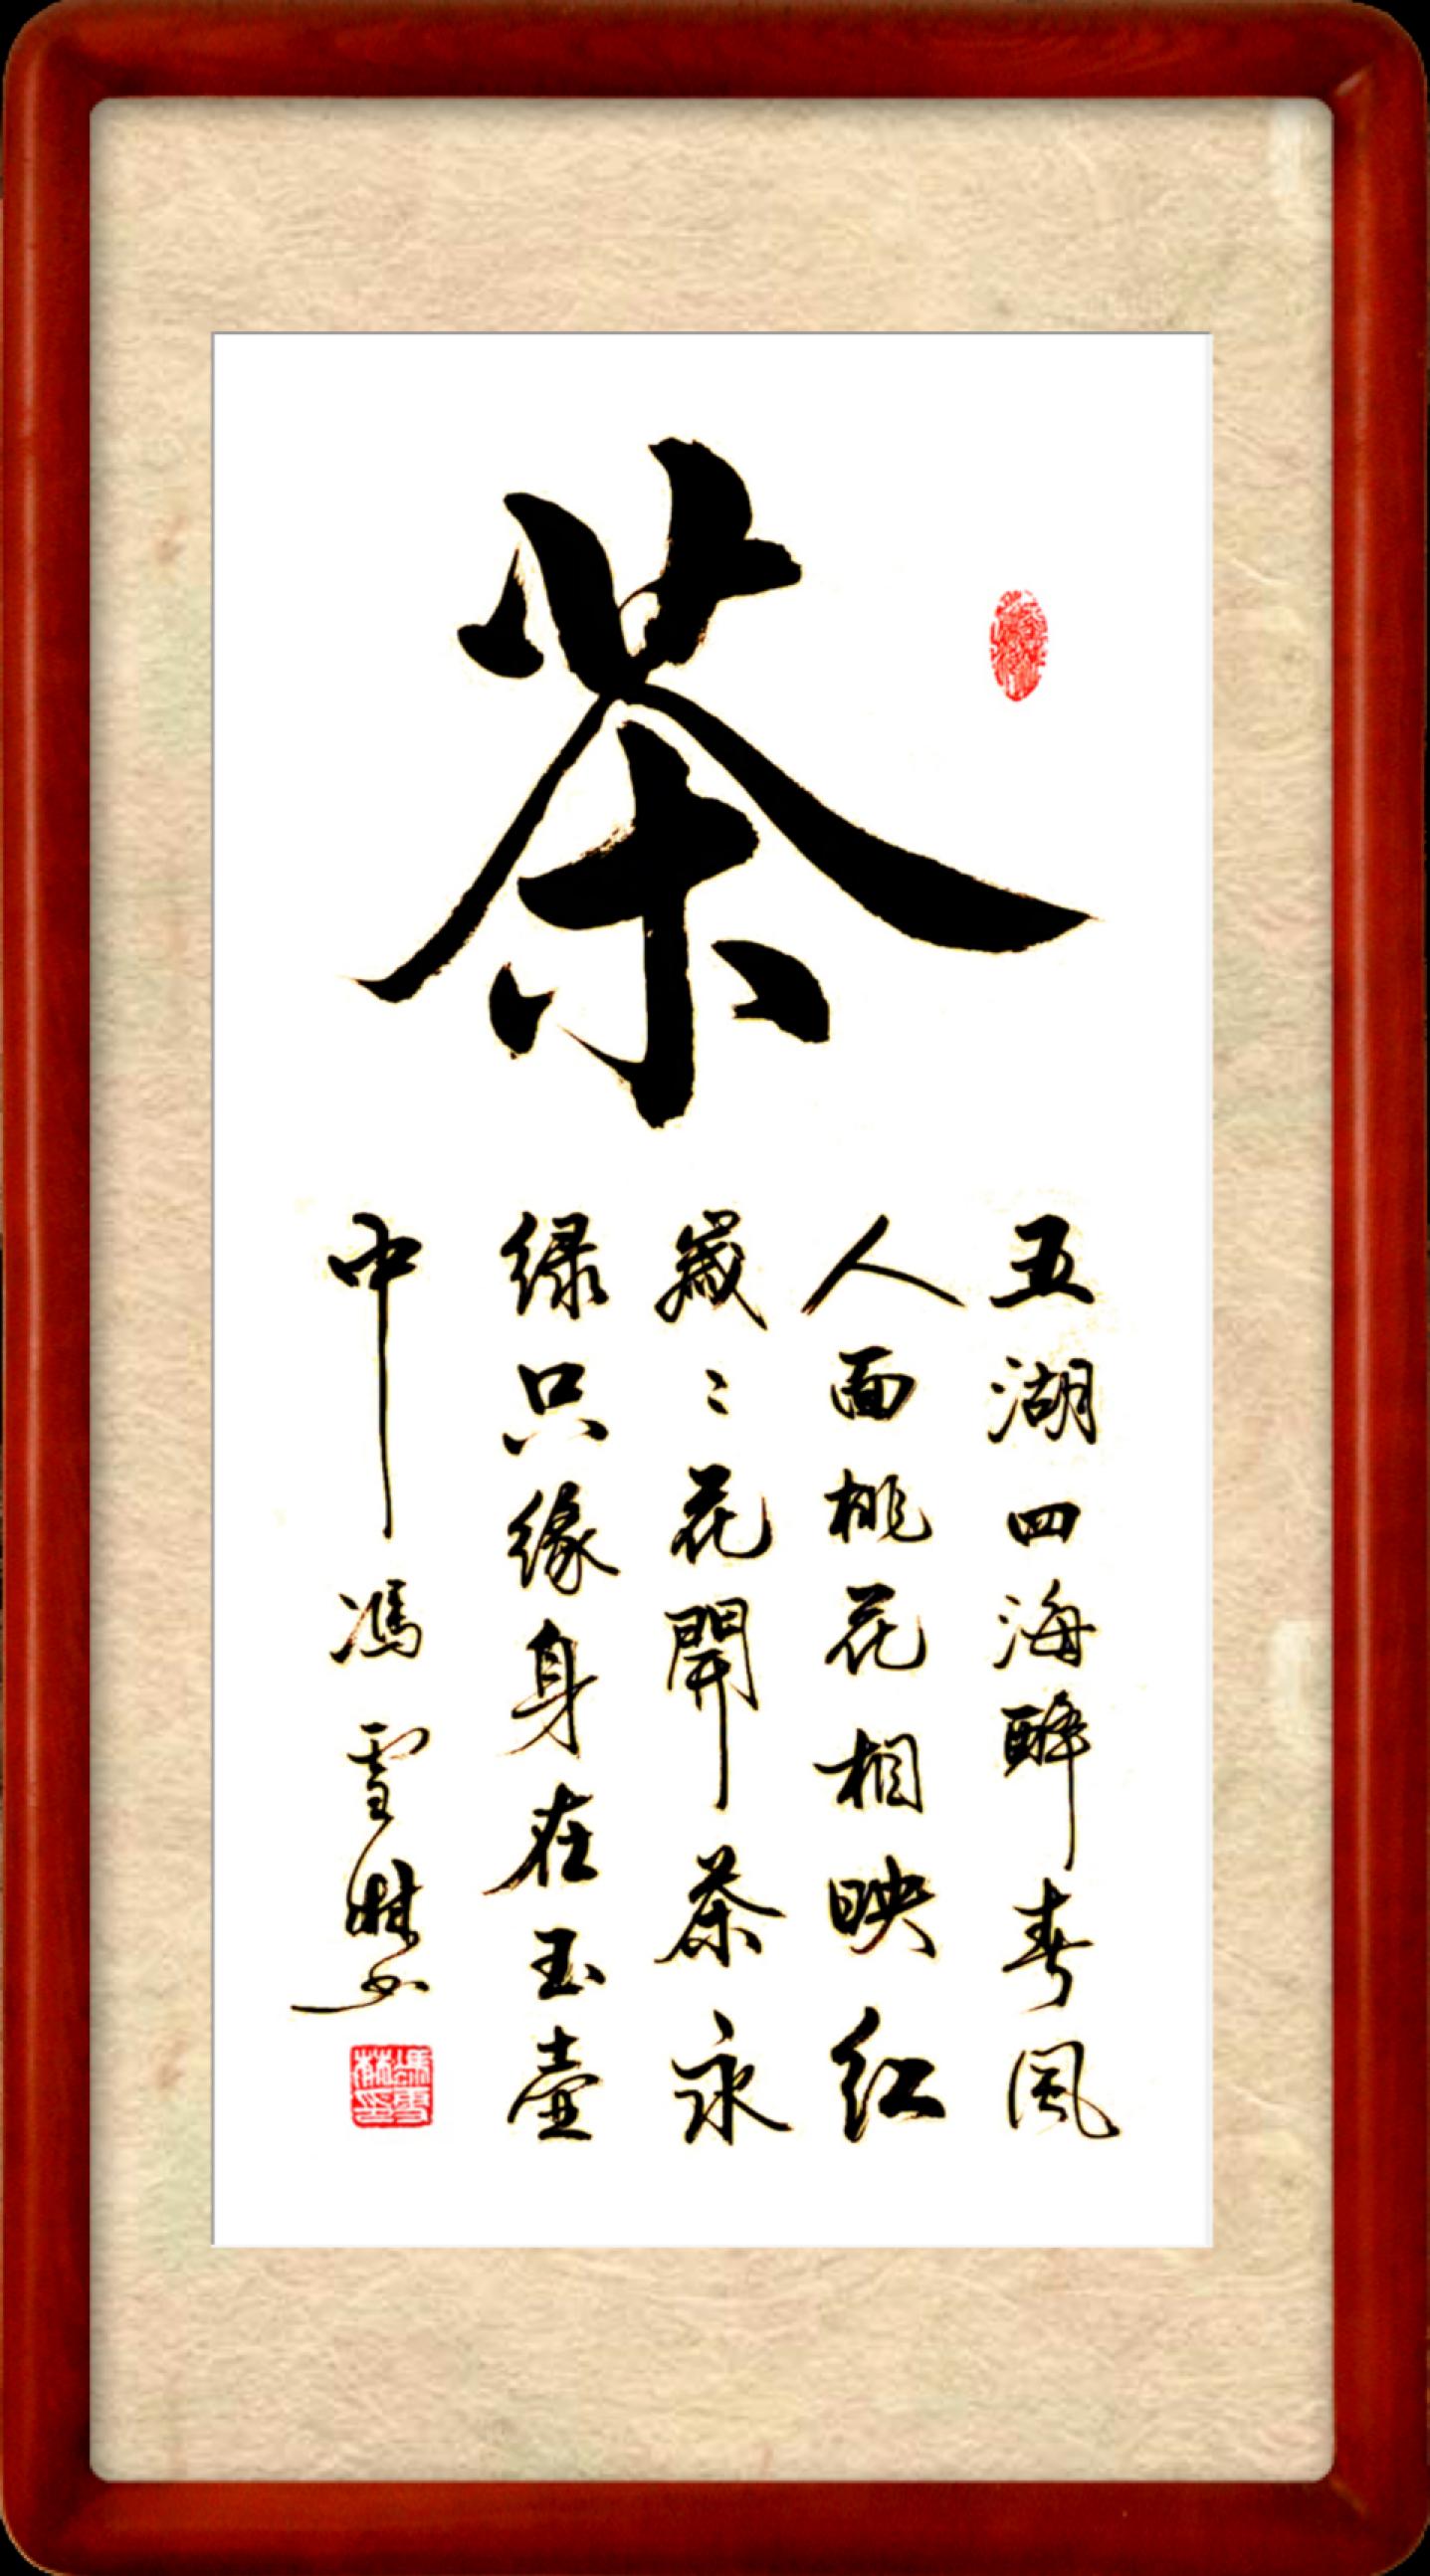 茶――五湖四海醉春风,人面桃花相映红。岁岁花开茶永绿,只缘身在玉壶中。书法作品欣赏